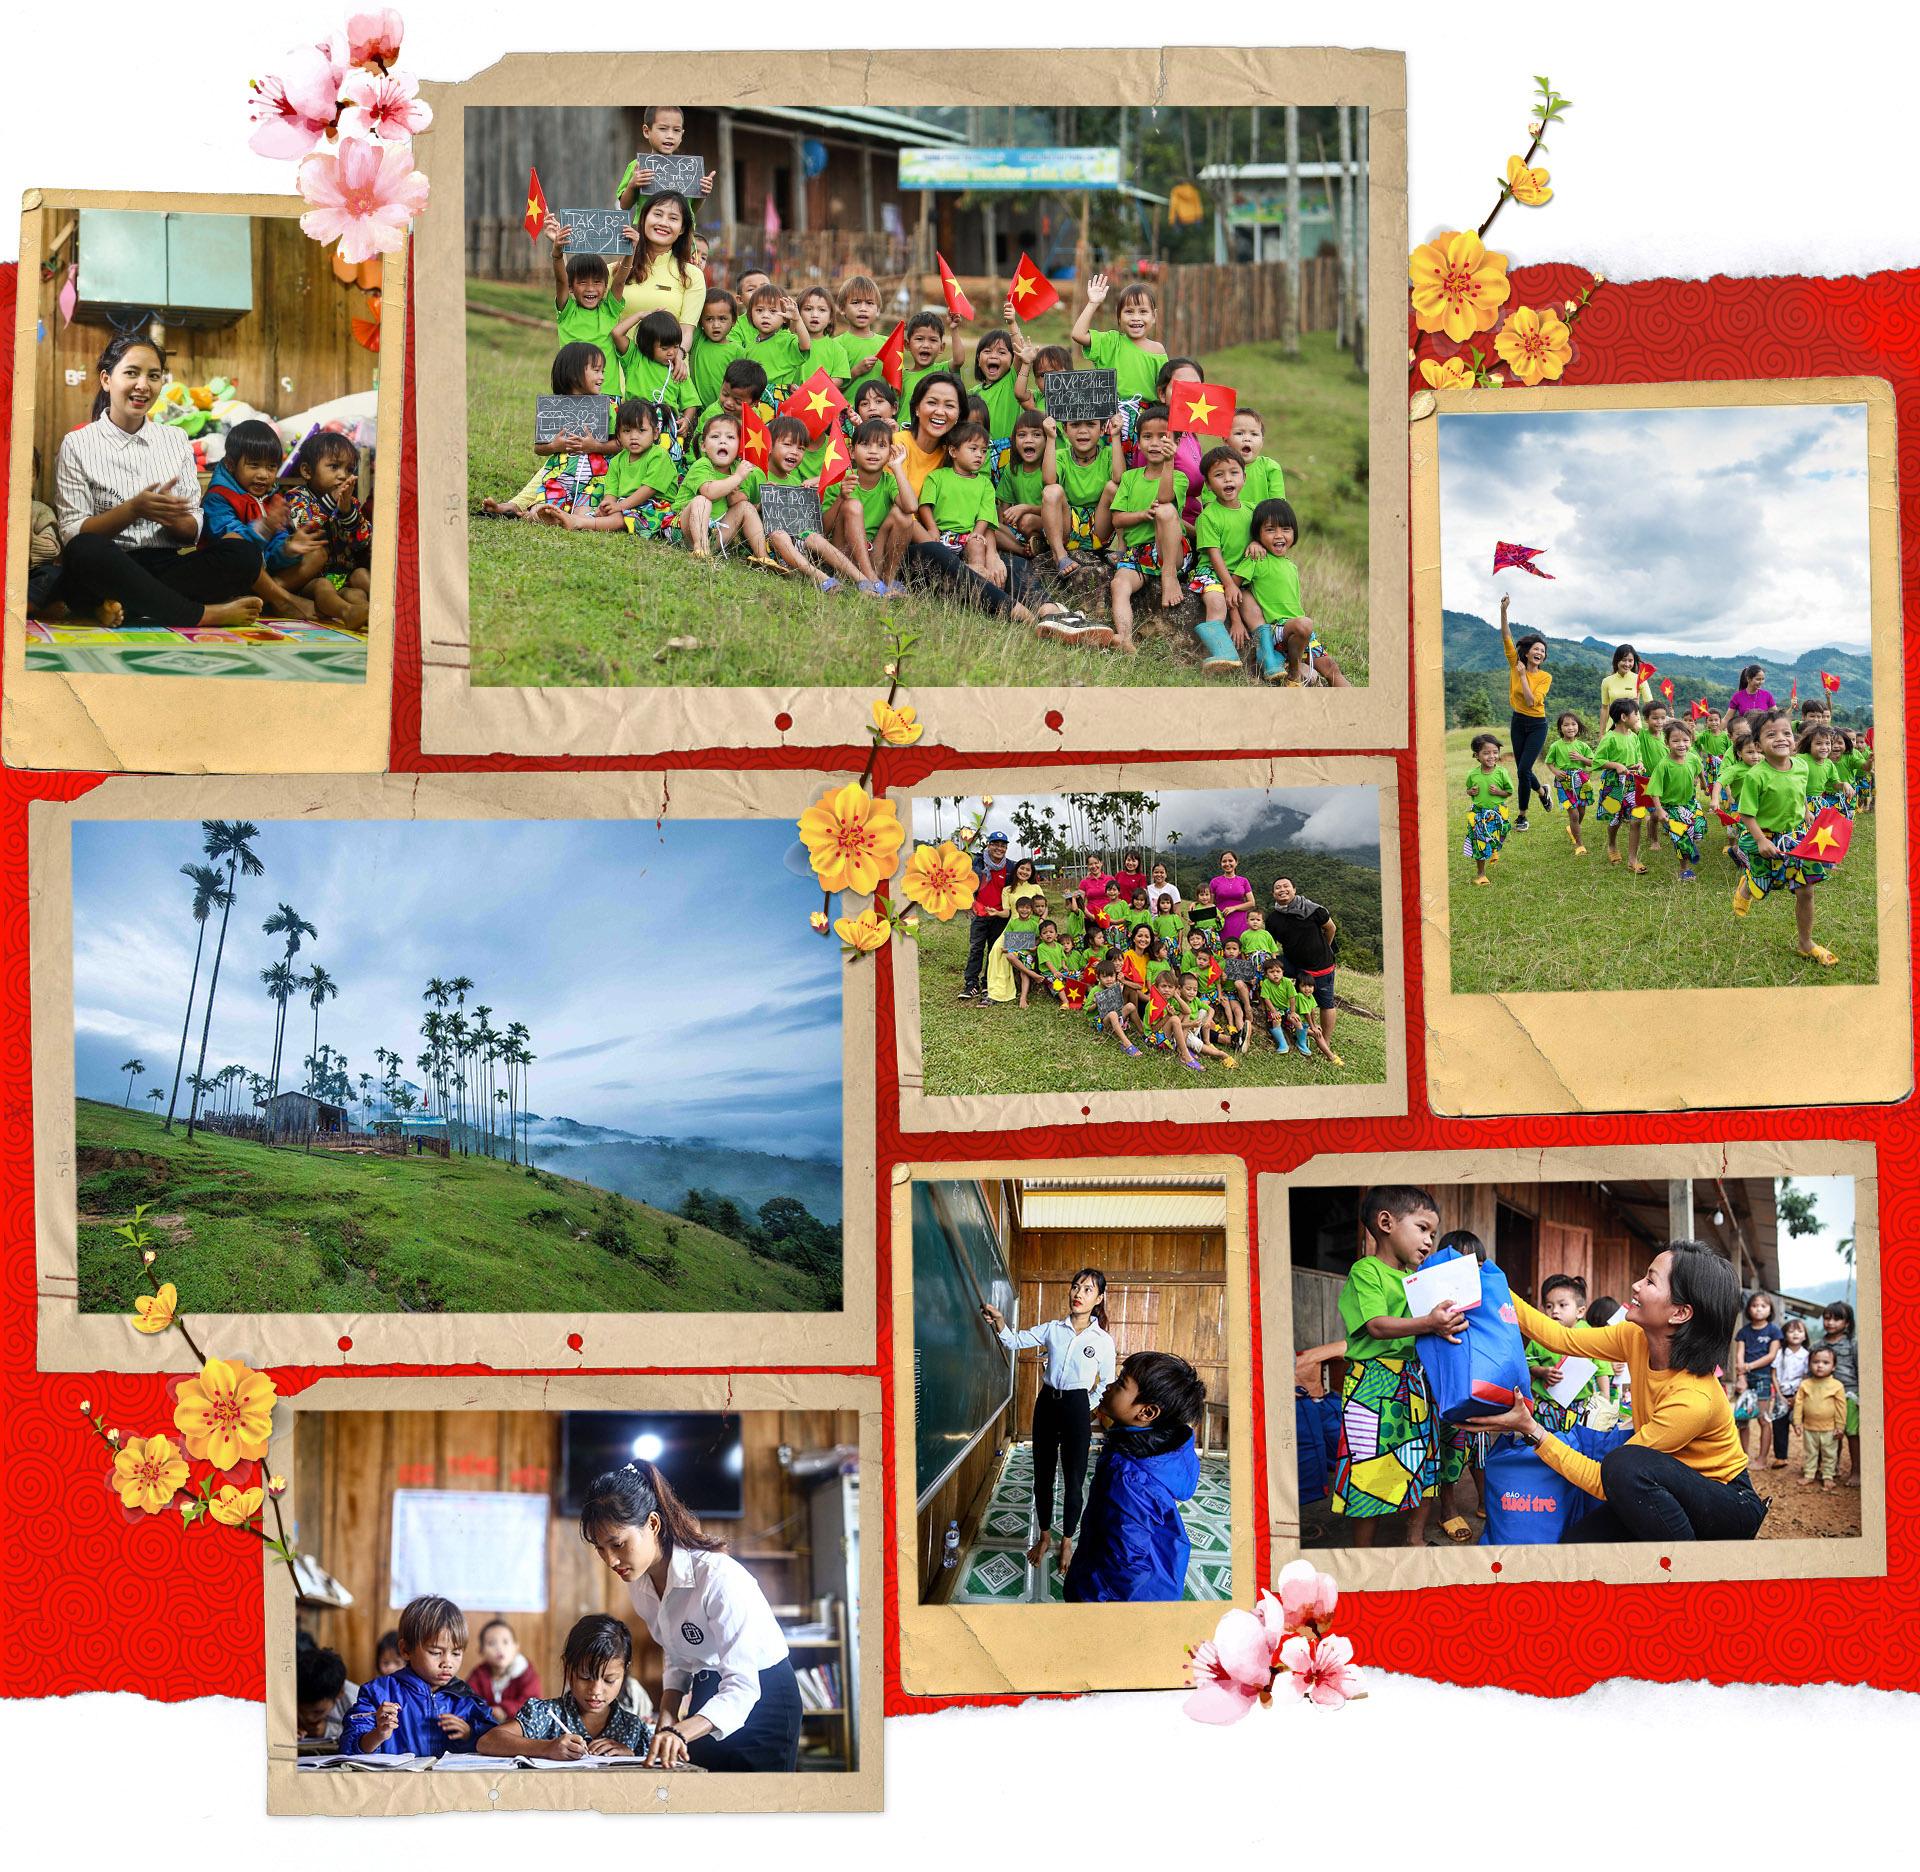 Tuổi Trẻ, HHen Niê đến với cô trò Tắk Pổ và câu chuyện bìa báo Tết Canh Tý 2020 - Ảnh 8.